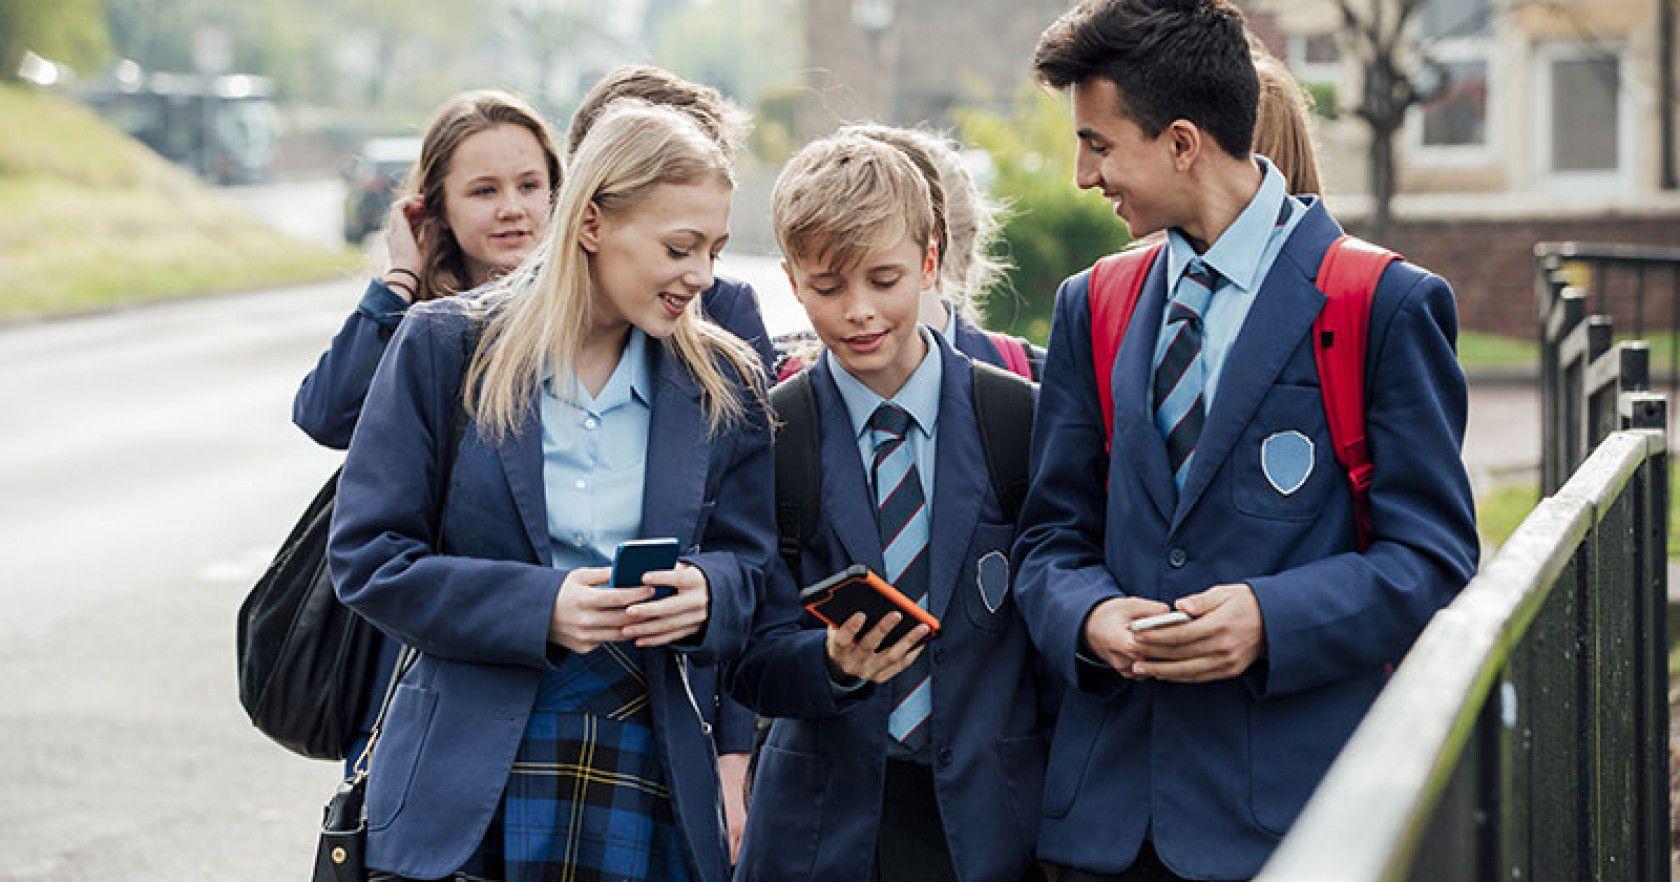 İngiltere Ortaokul Eğitimi Başvuru Sınavları